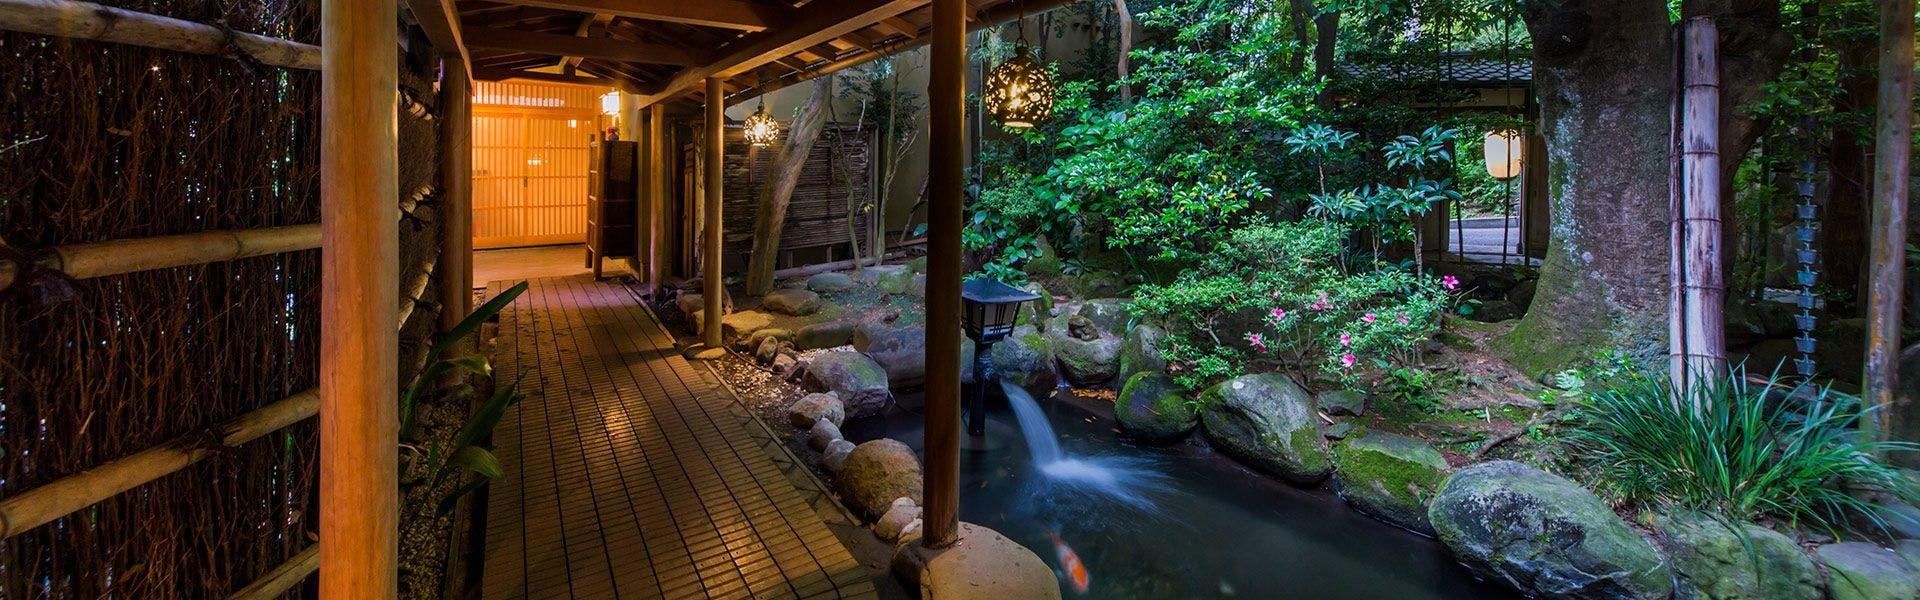 記念日におすすめのホテル・淘心庵 米屋の写真1